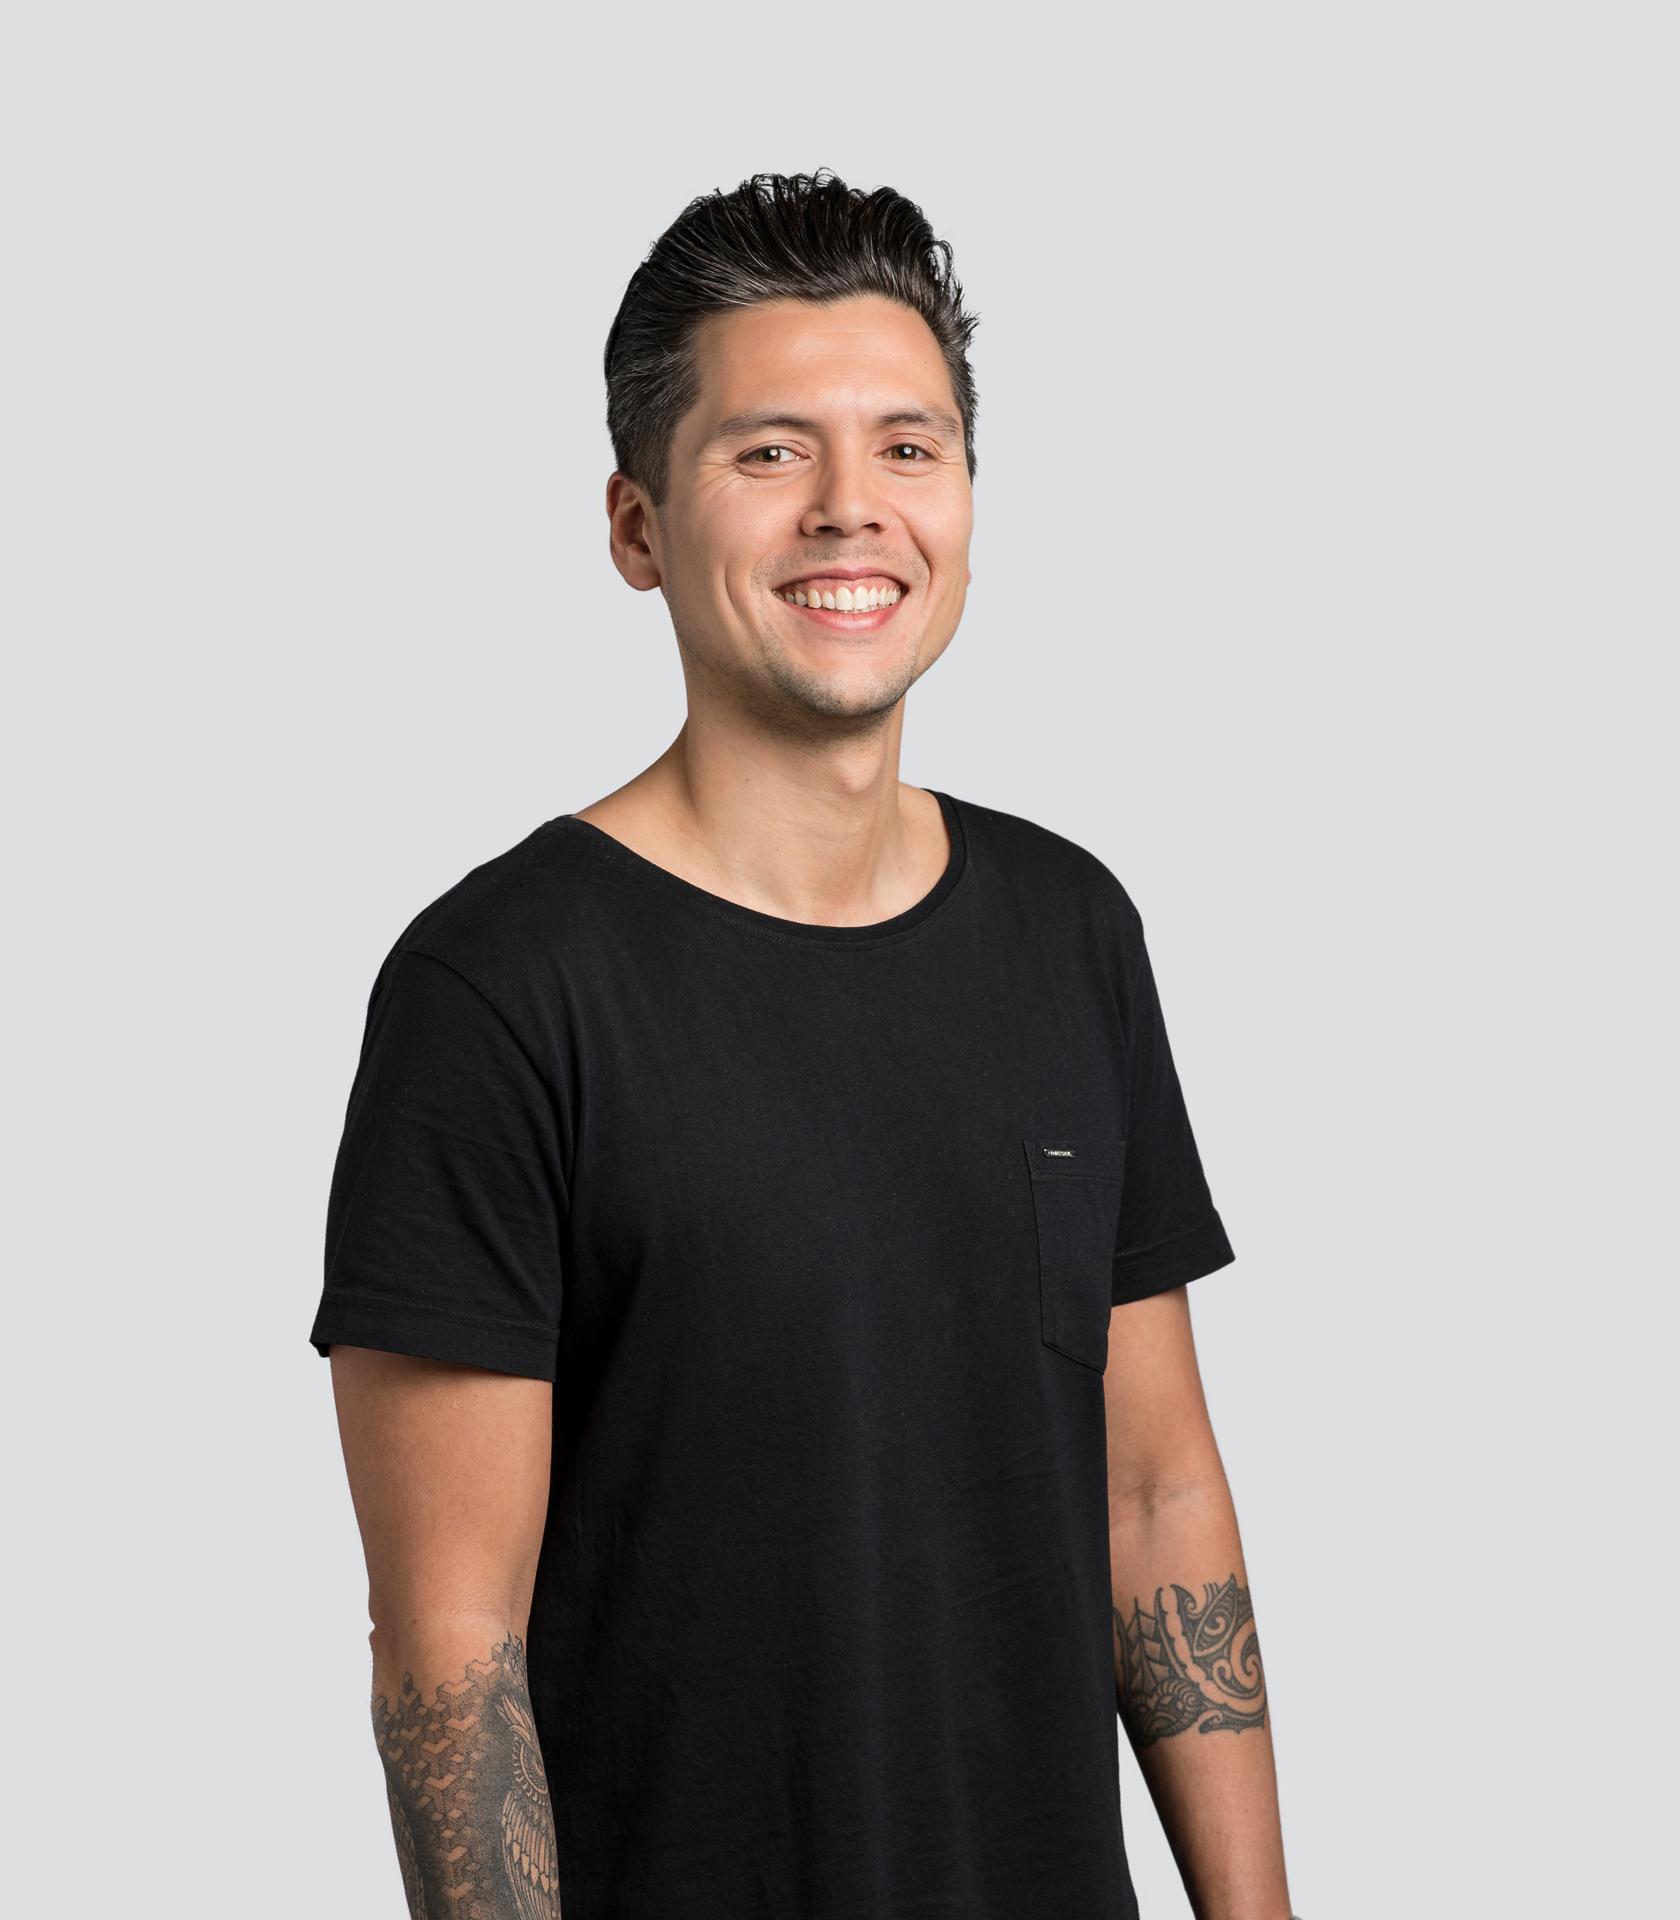 Wesley Niels